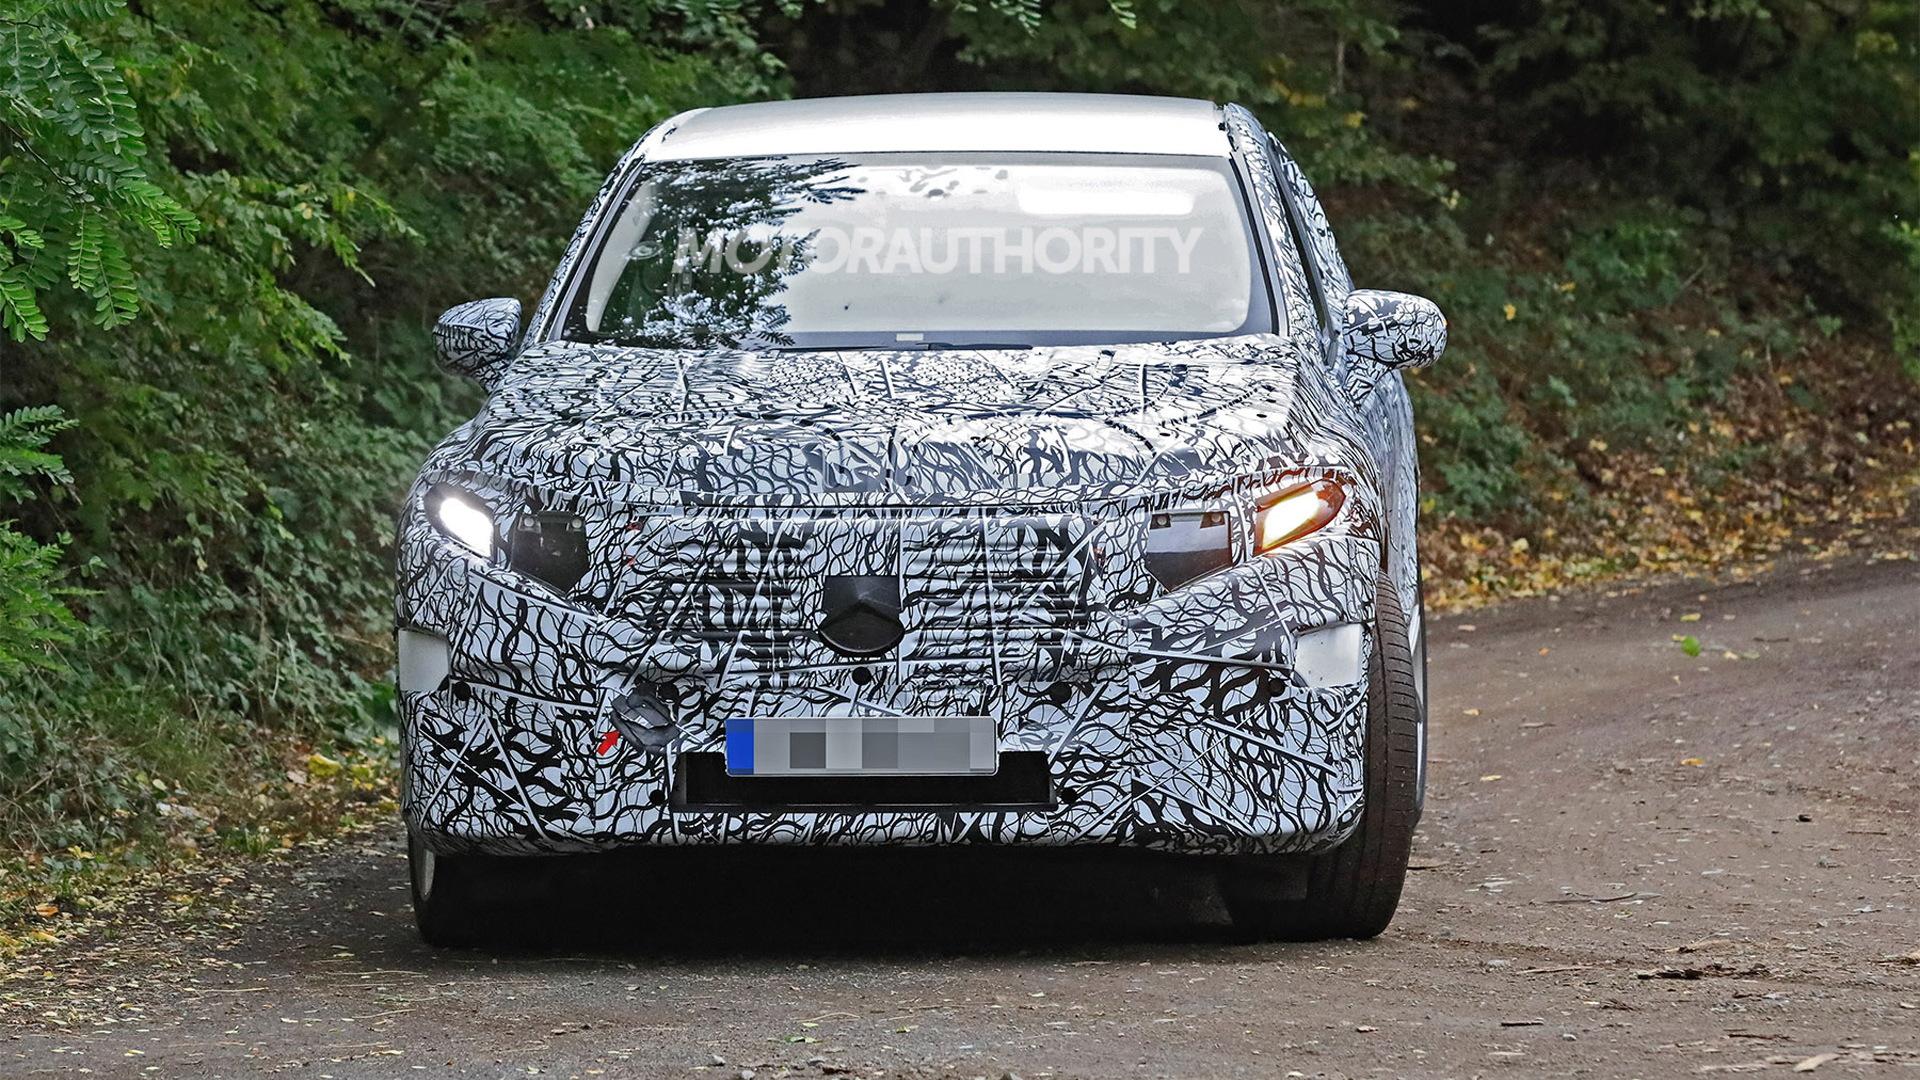 2023 Mercedes-Benz EQS SUV spy shots - Photo credit: S. Baldauf/SB-Medien